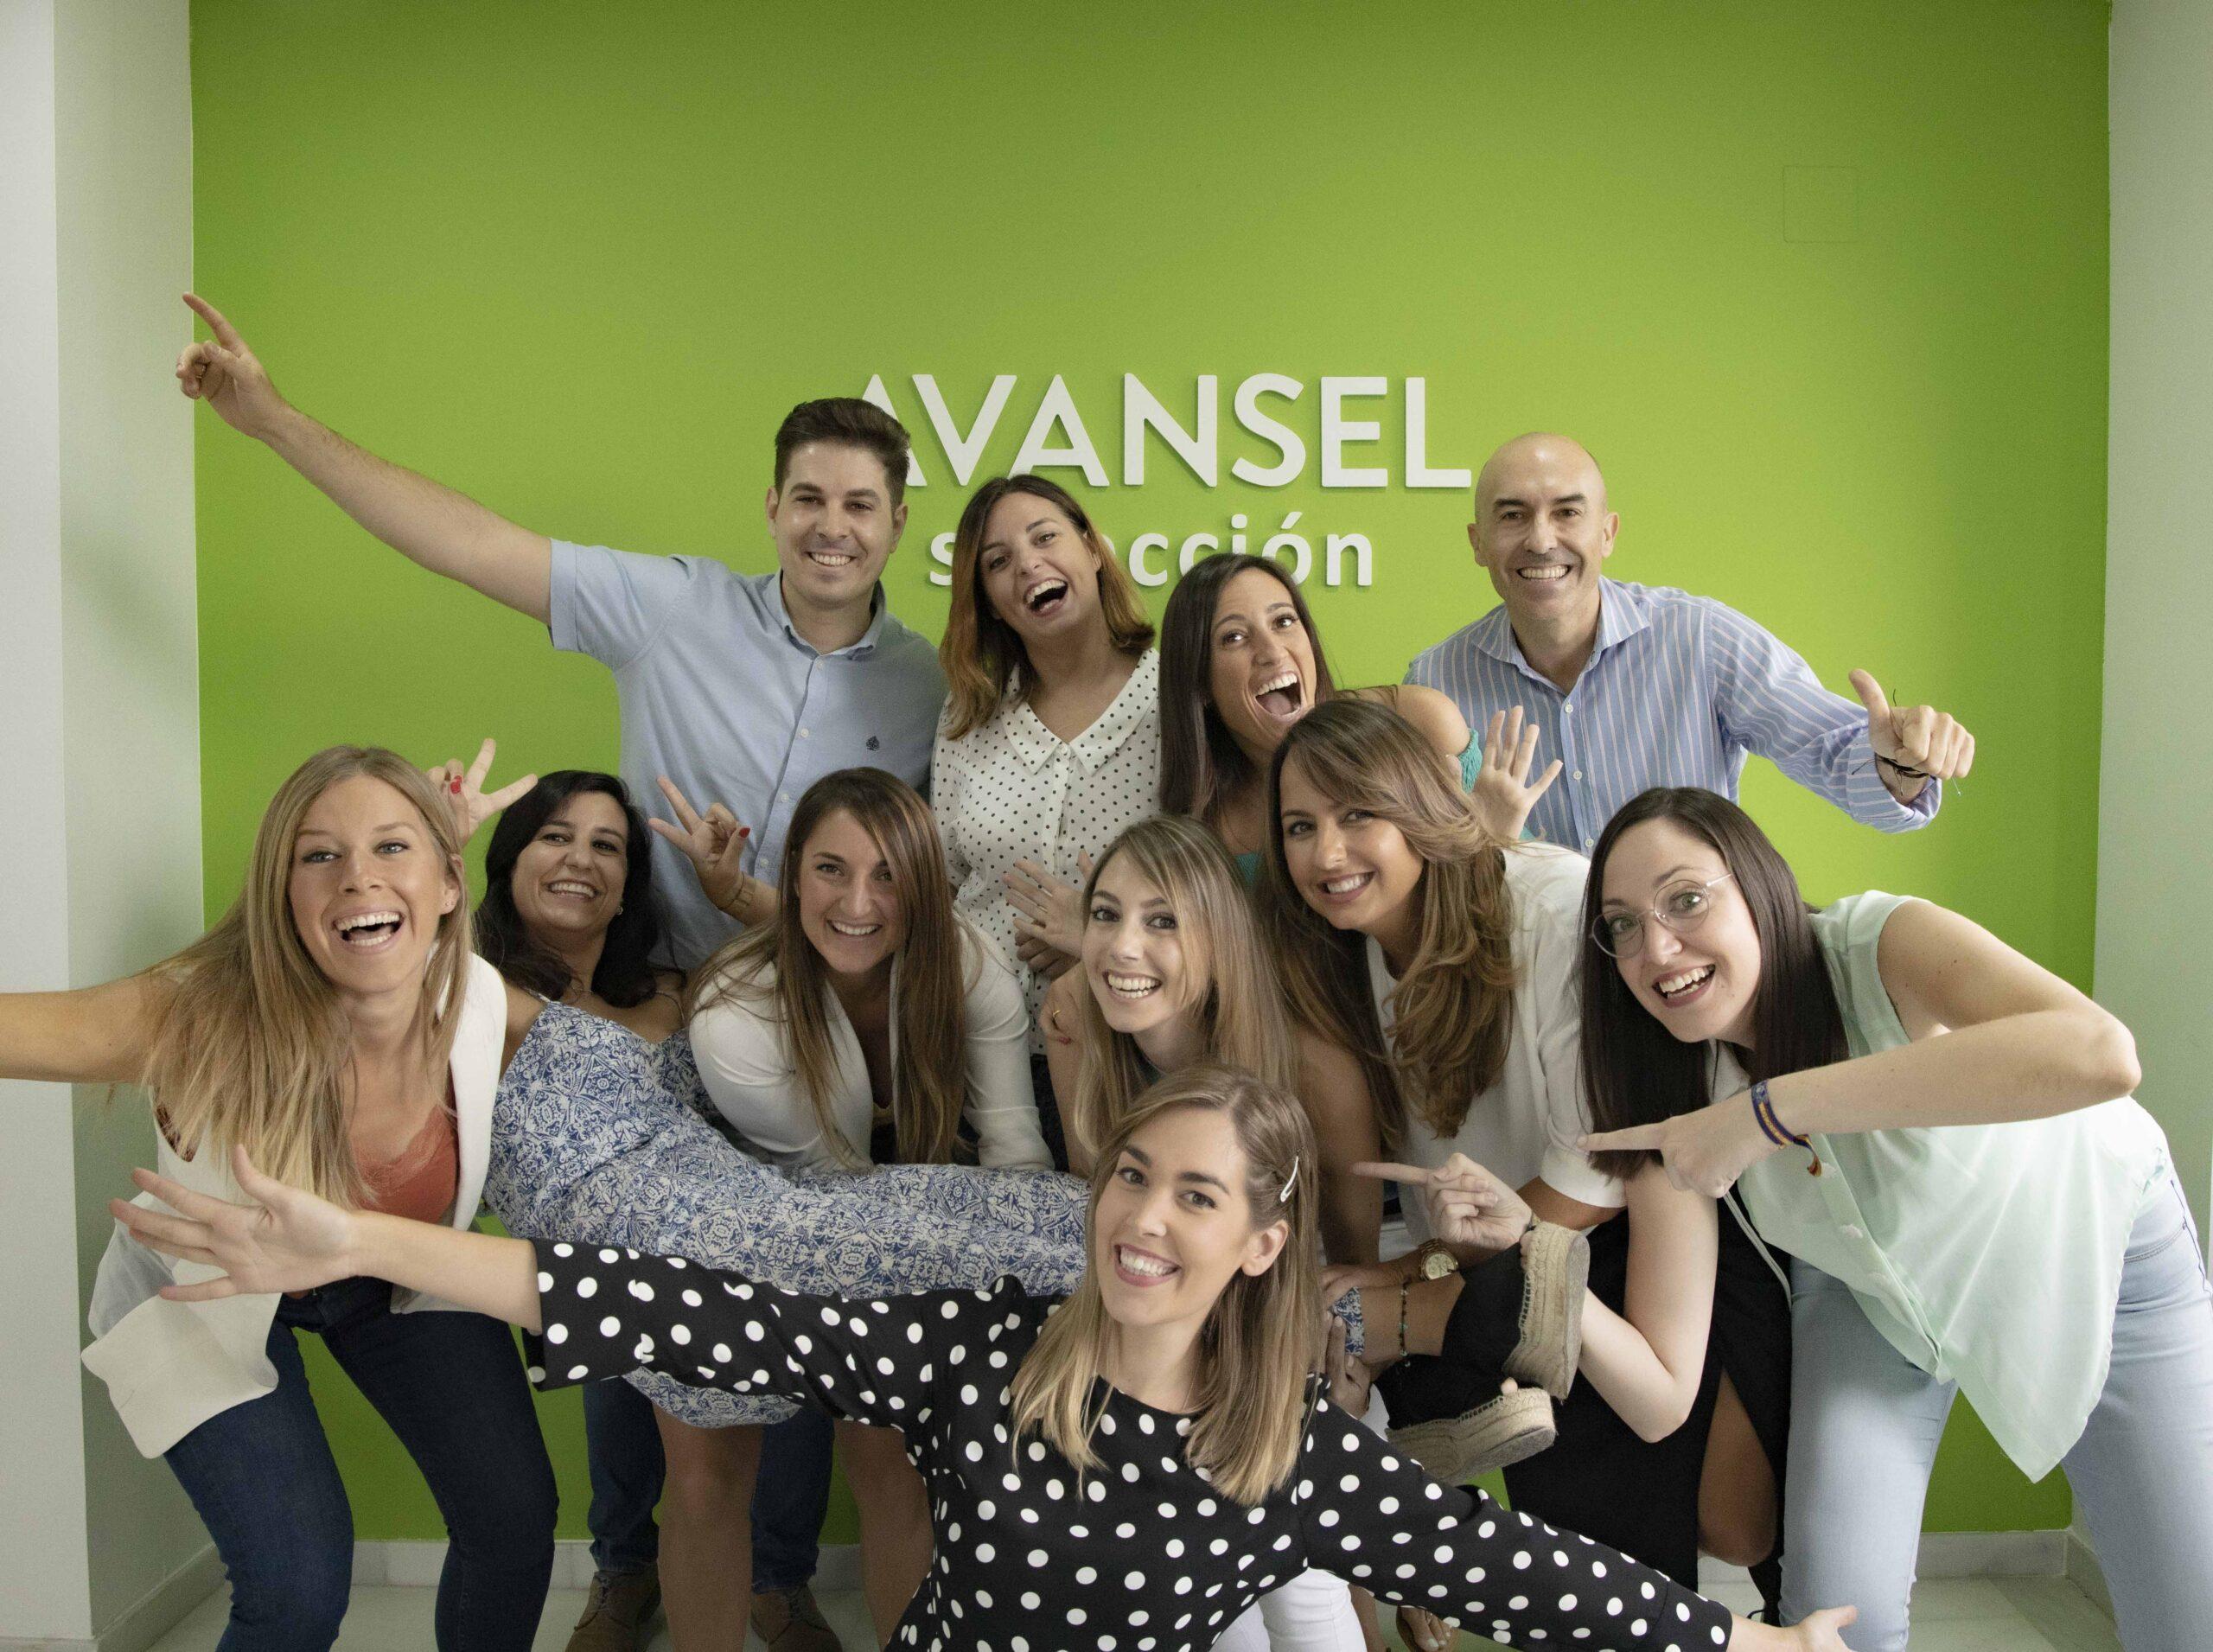 AVANSEL EMPRESA TEAL - Transformación de organizaciones en empresas Teal